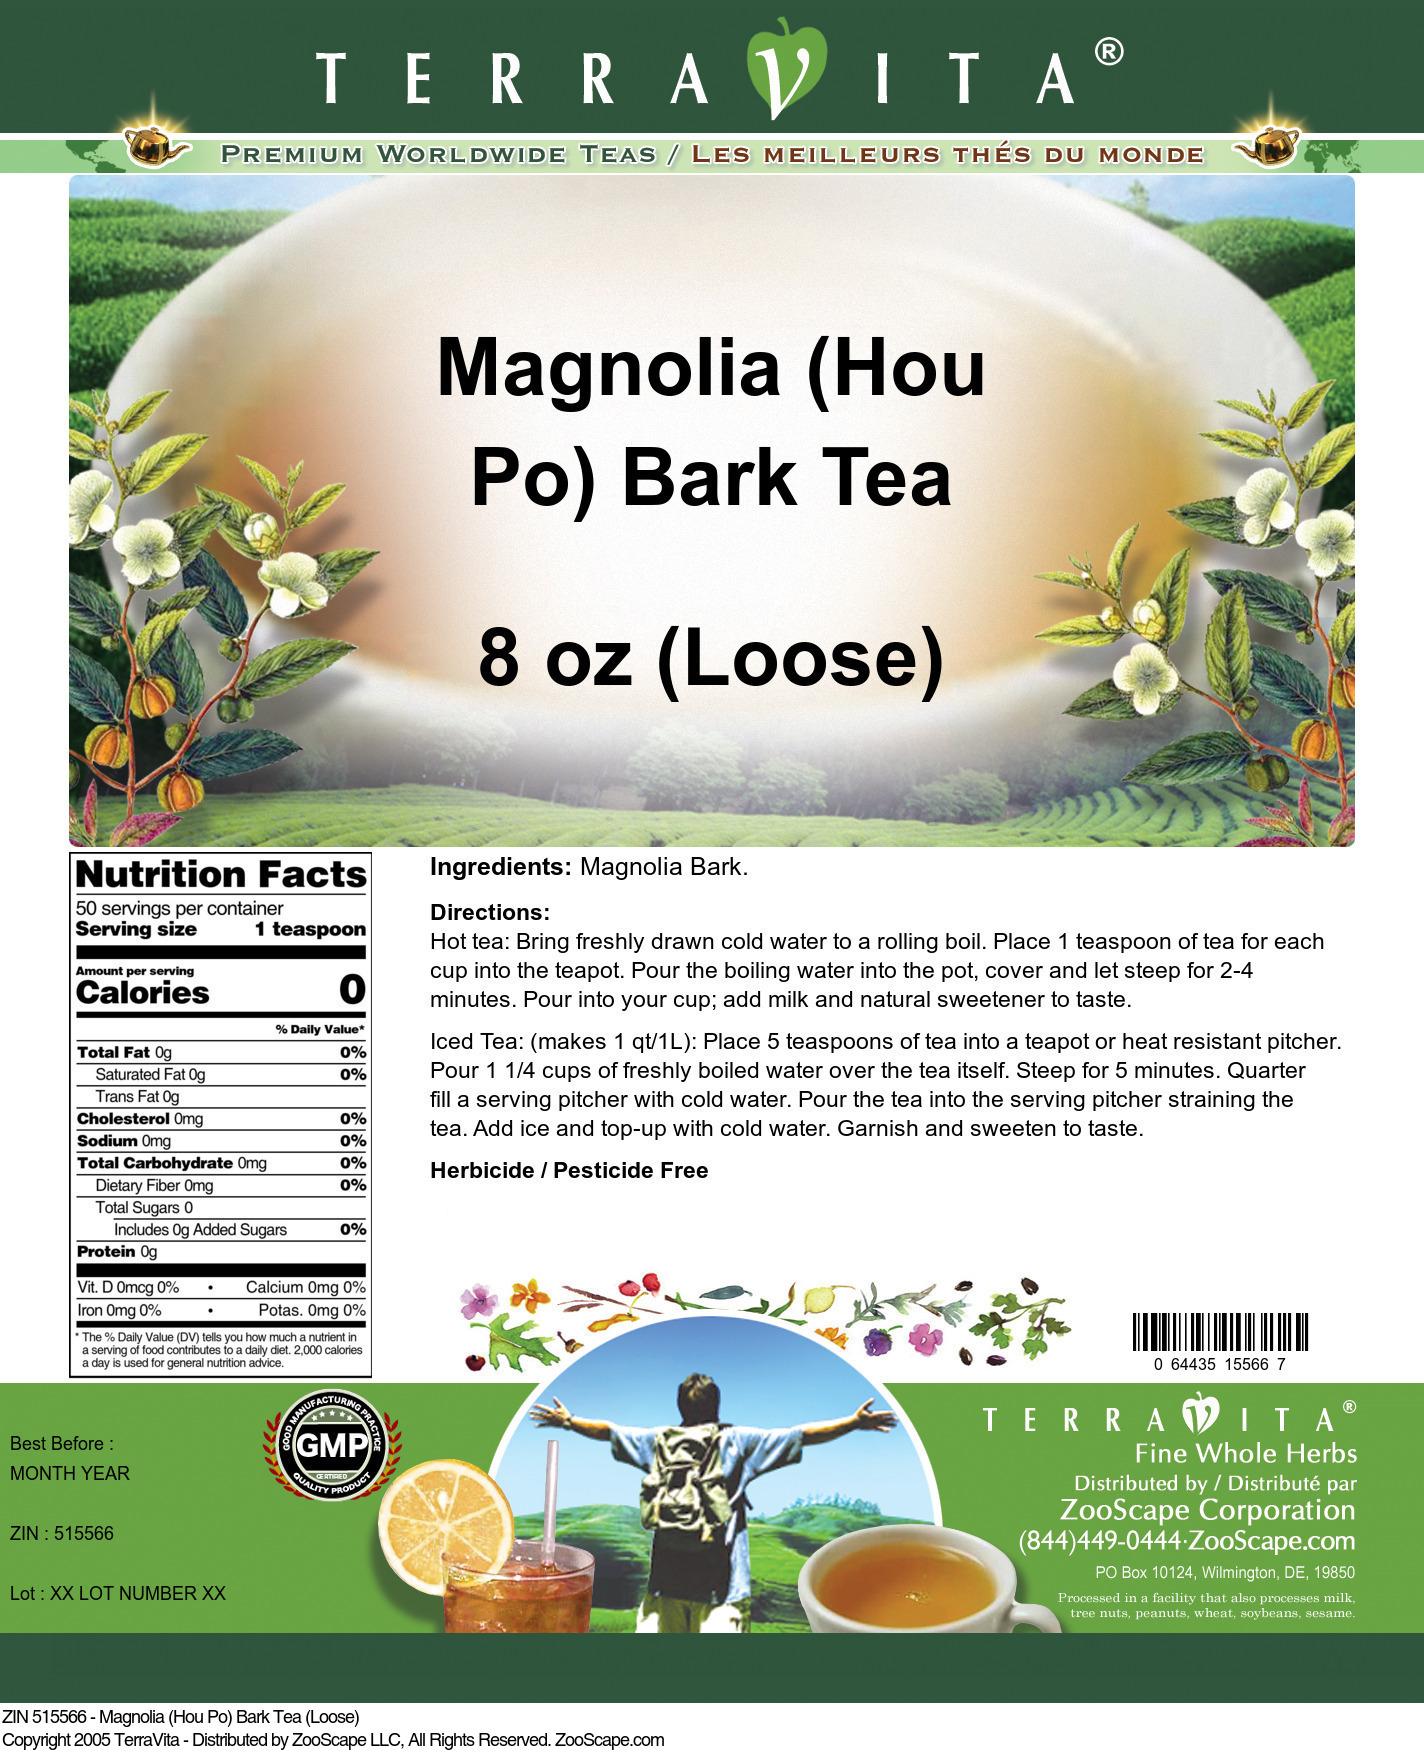 Magnolia (Hou Po) Bark Tea (Loose)